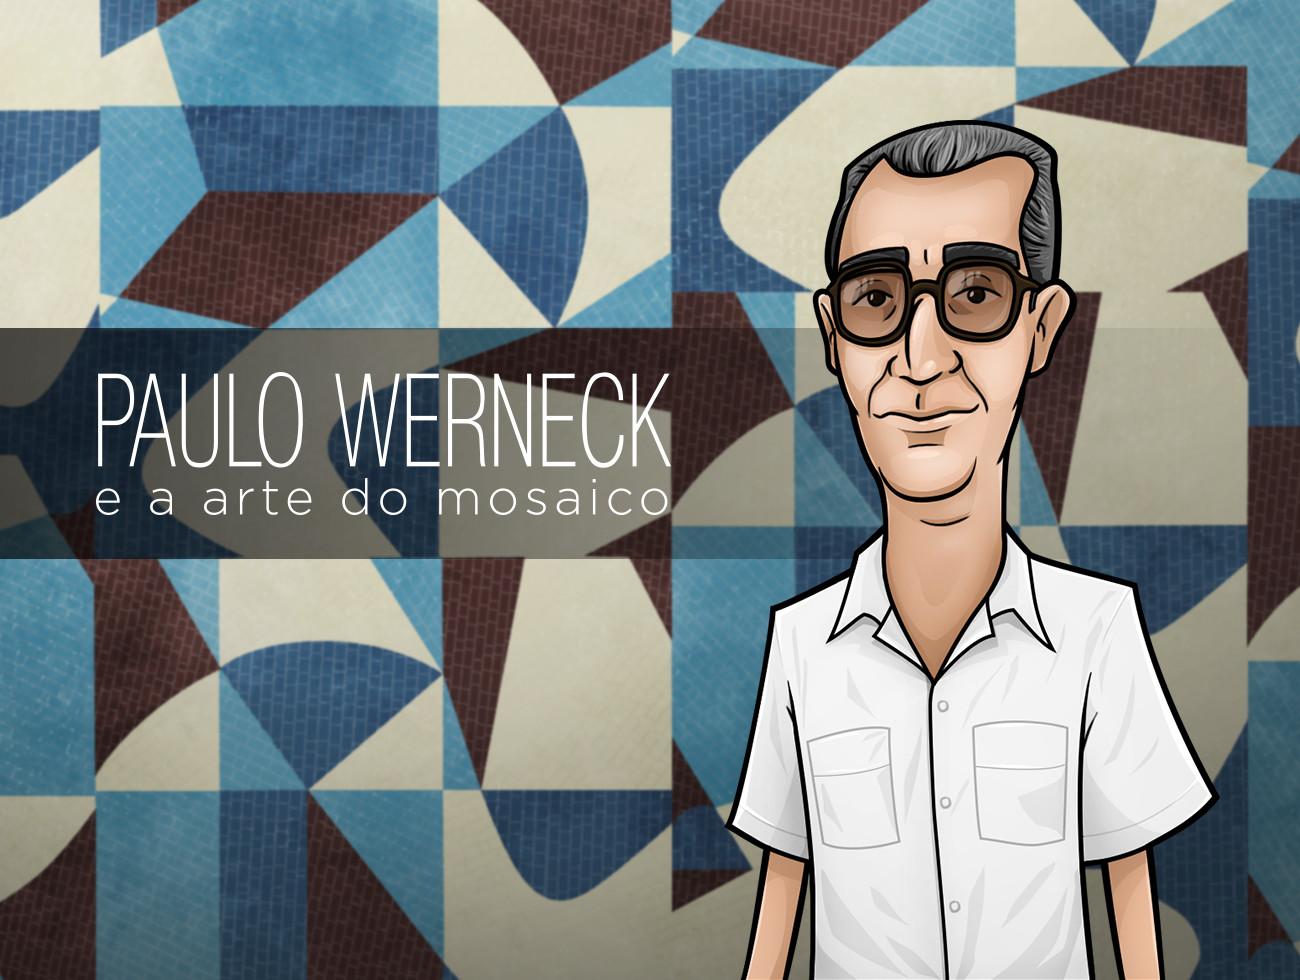 Paulo Werneck